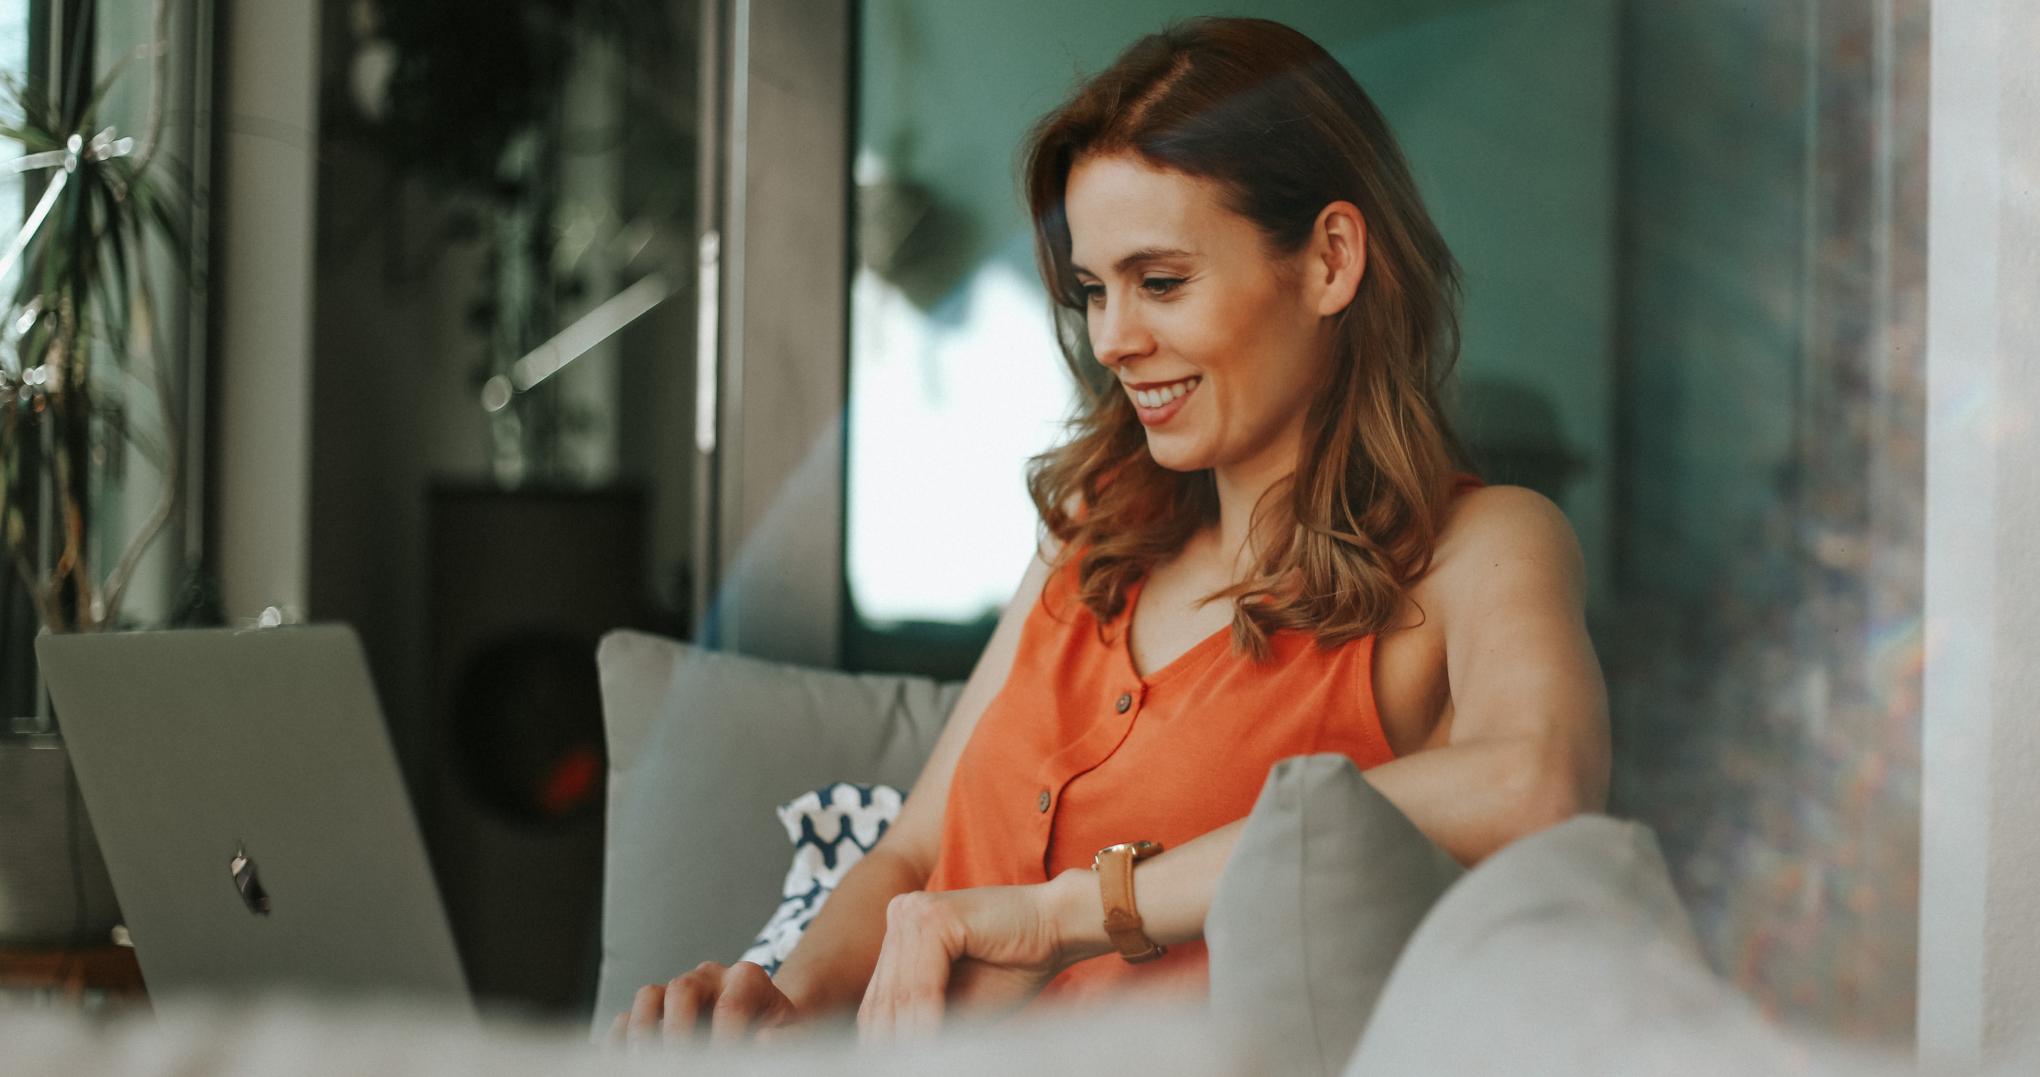 Comment améliorer la qualité de vie au travail grâce à une expérience collaborateur digitalisée?